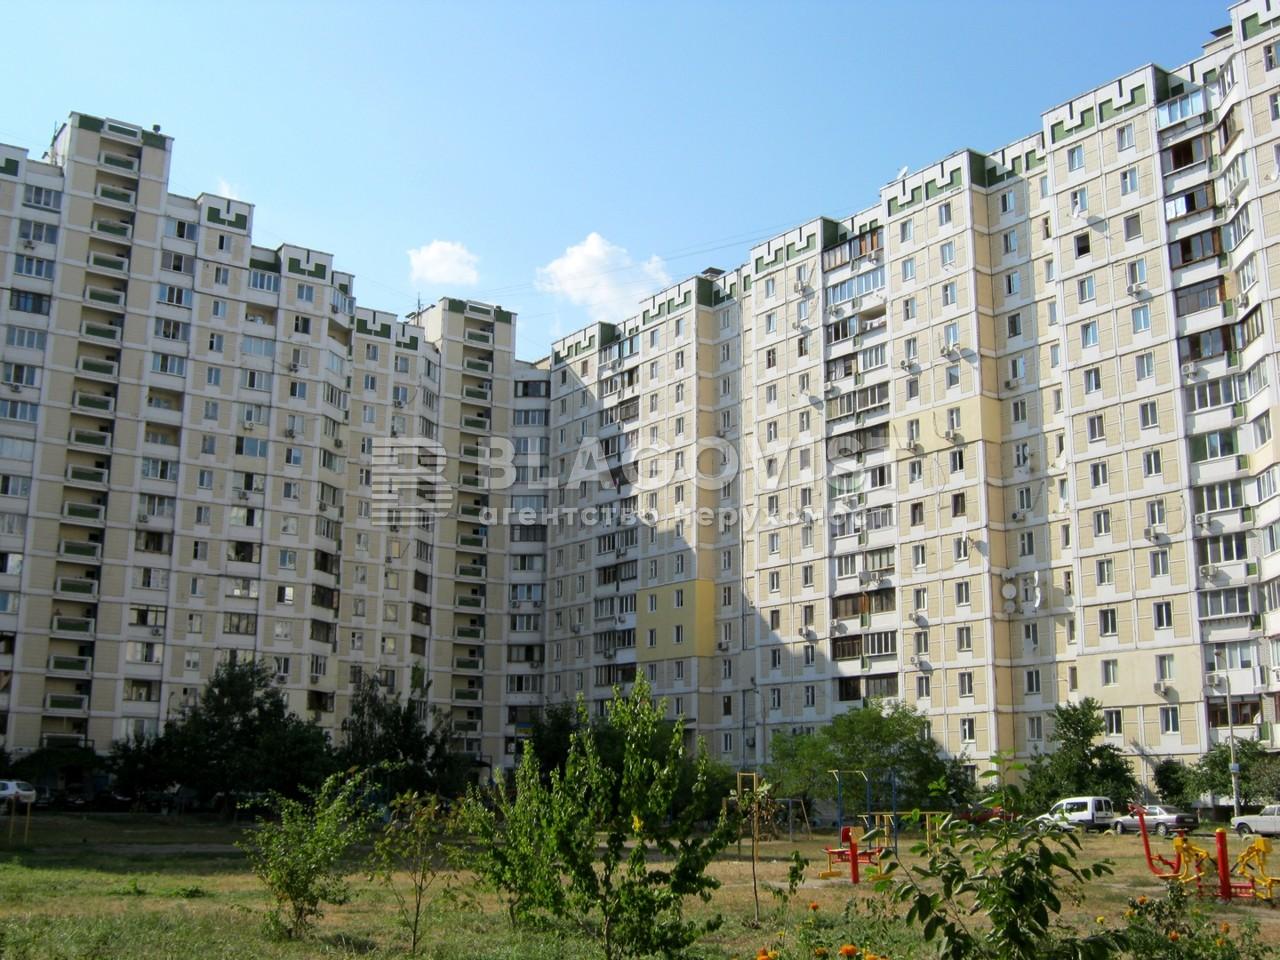 Квартира C-108863, Вишняковская, 7б, Киев - Фото 1